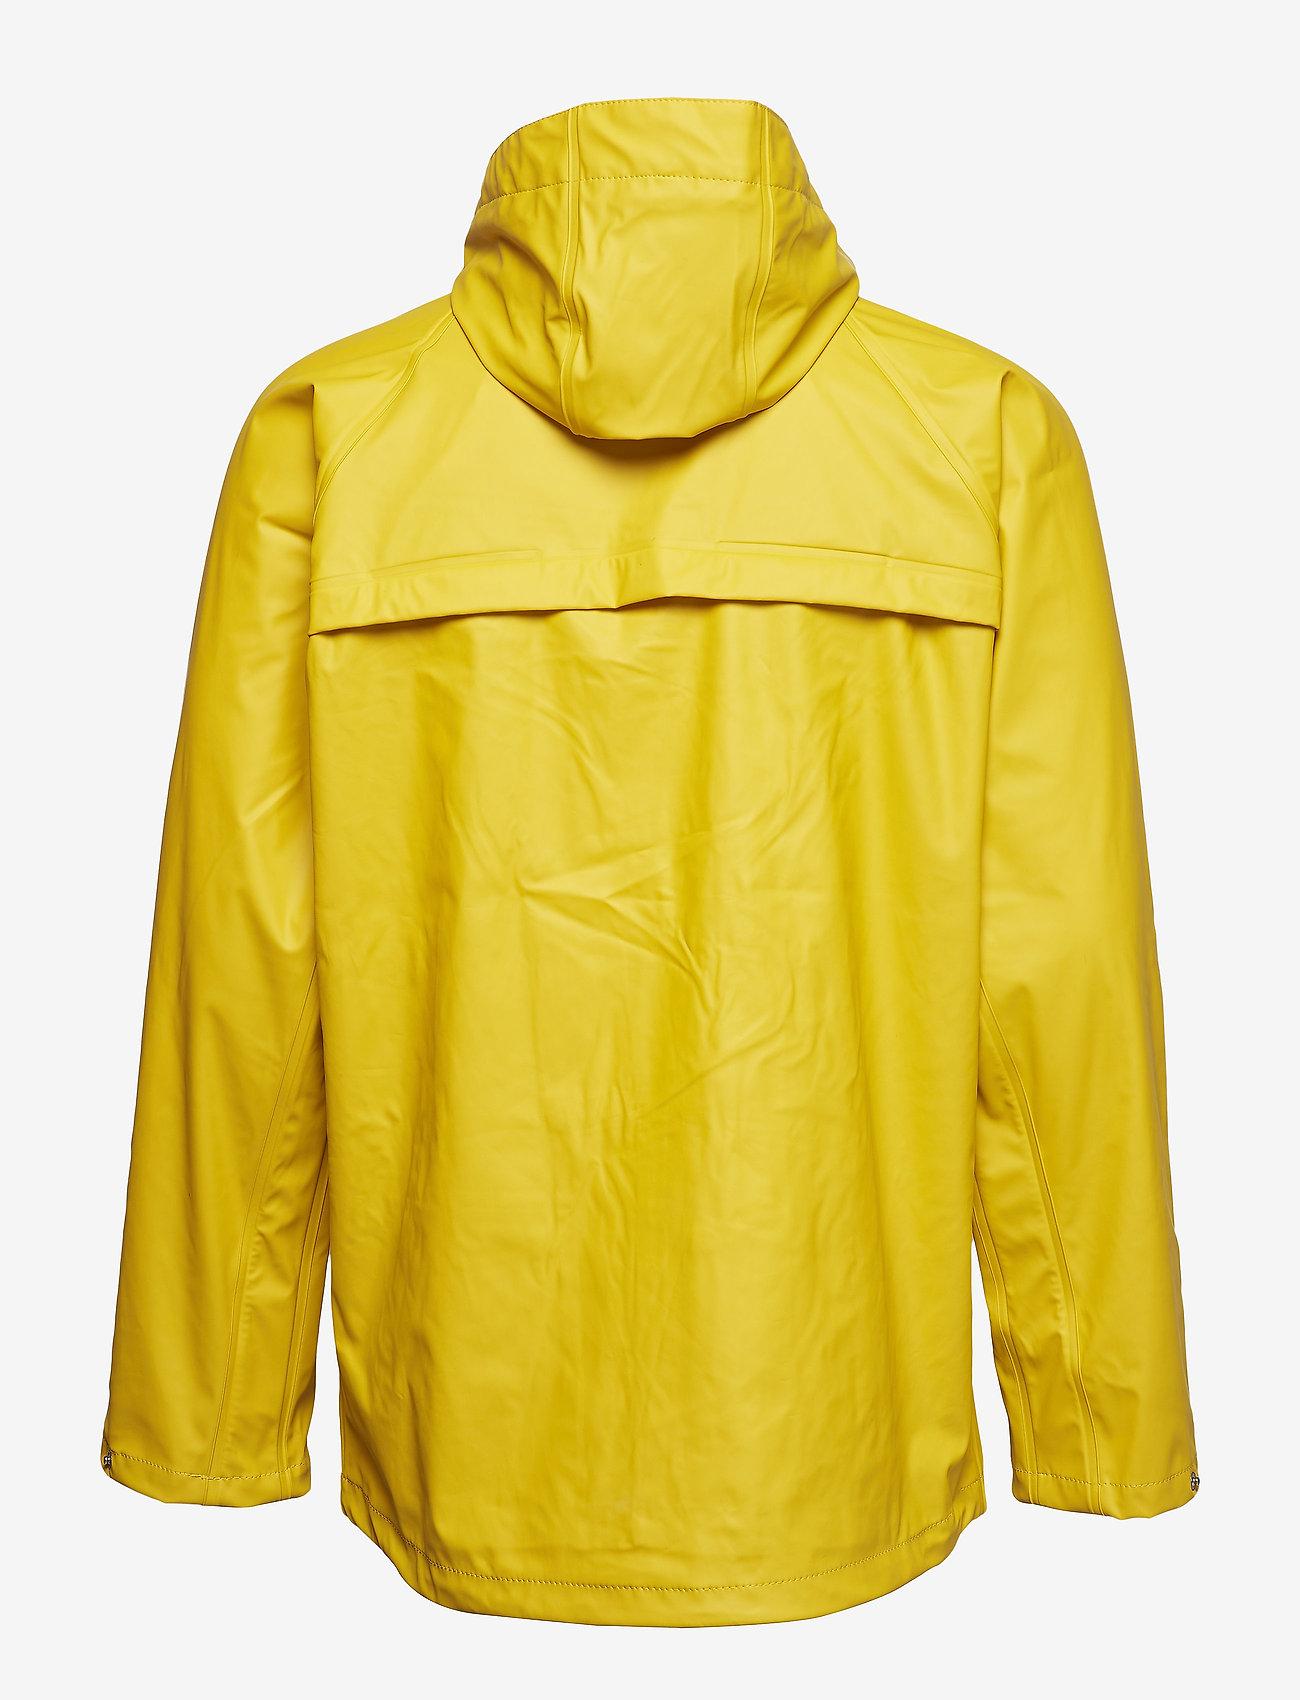 Tretorn Sixten Rainjacket - Jackor & Kappor Spectra Yellow